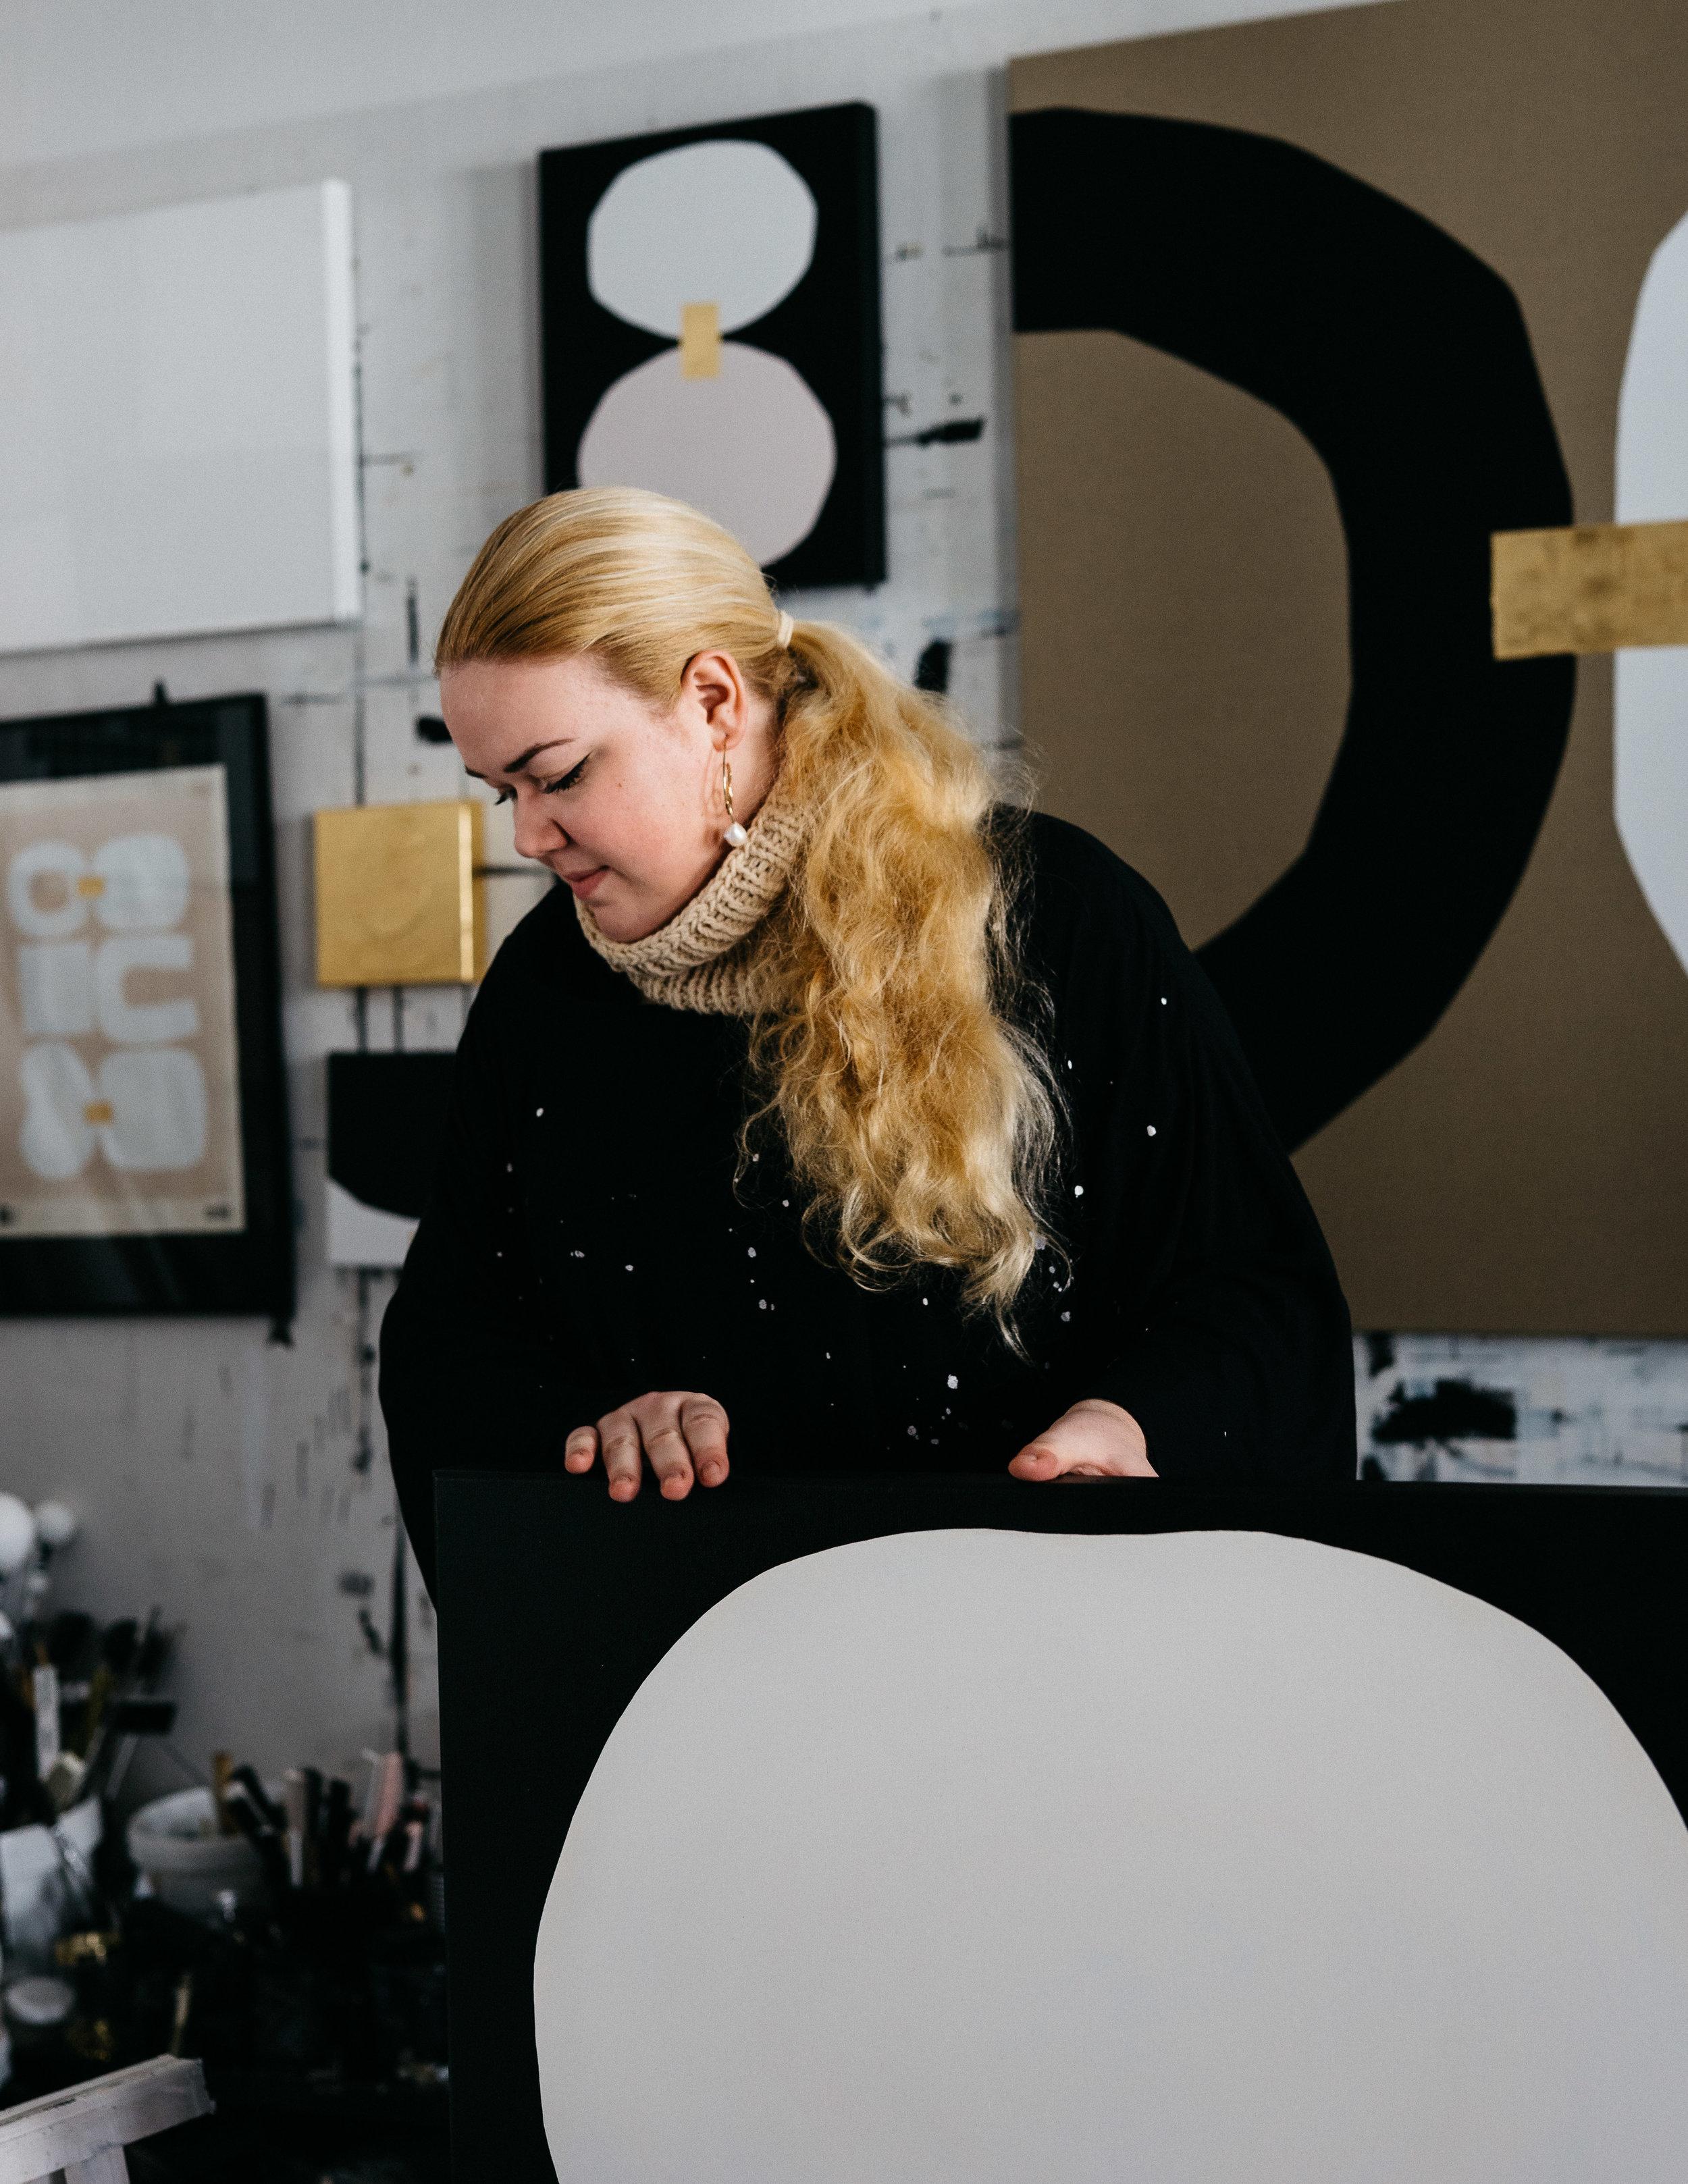 ASROSENVINGE_Artist portrait_Noa Gammelgaard_Atelier-02130.jpg